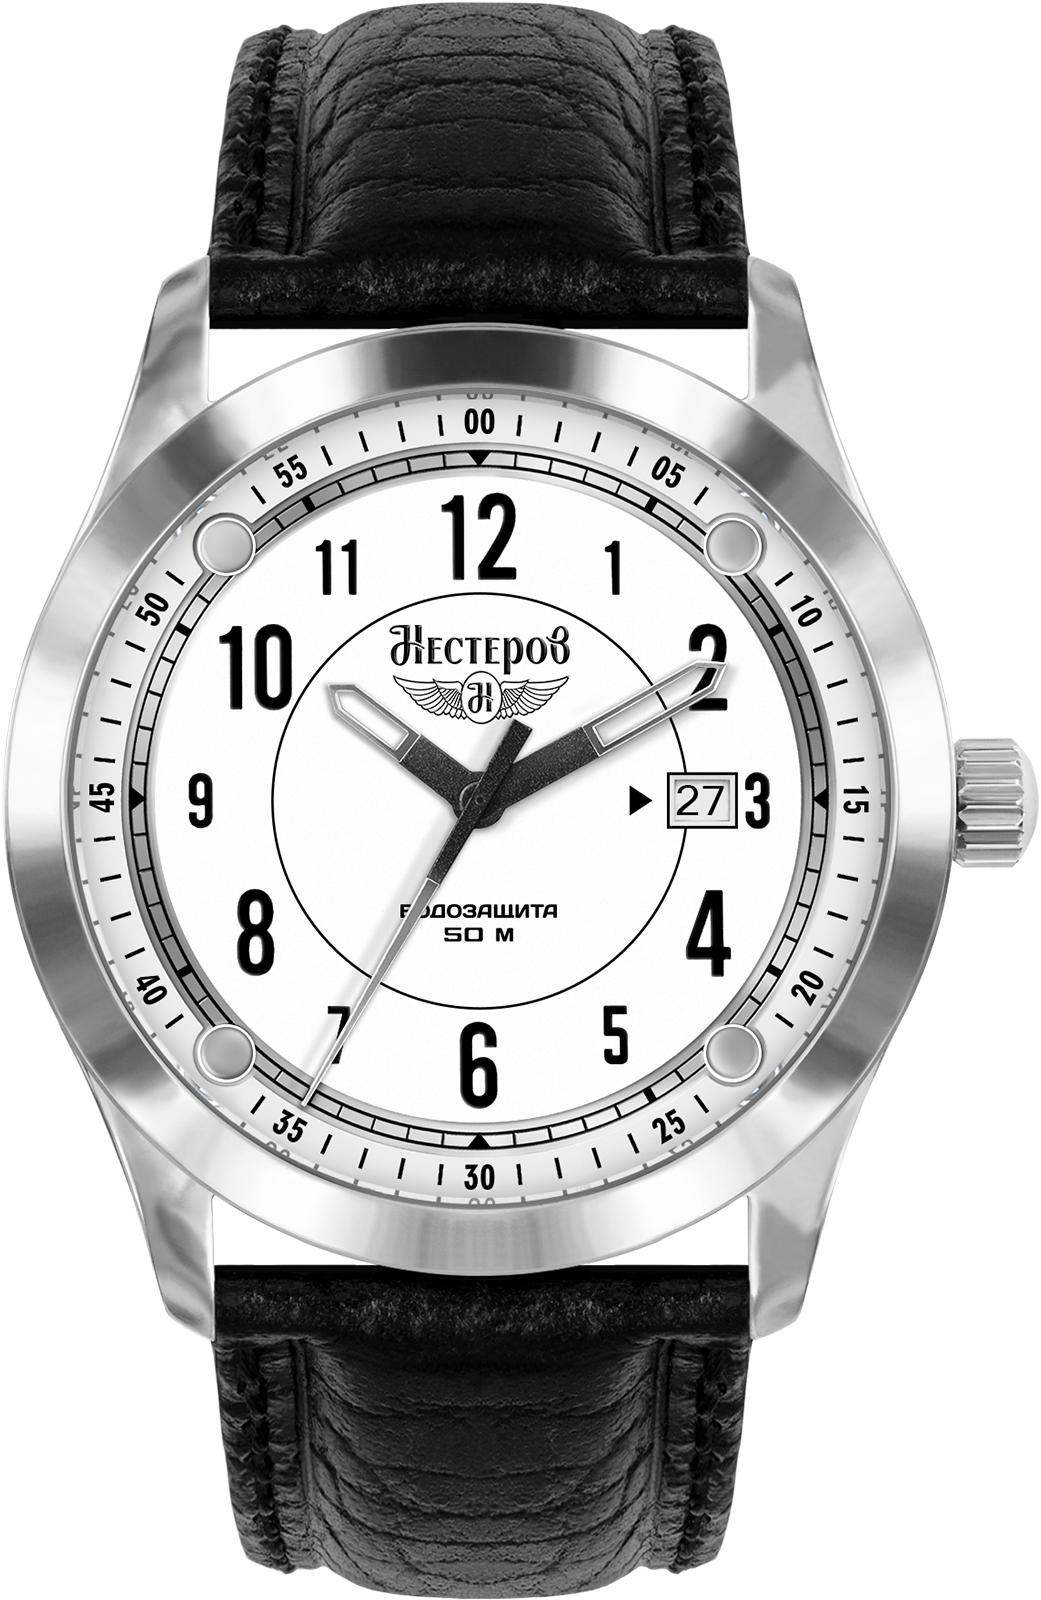 купить Наручные часы Нестеров H0959E02-05A по цене 6890 рублей